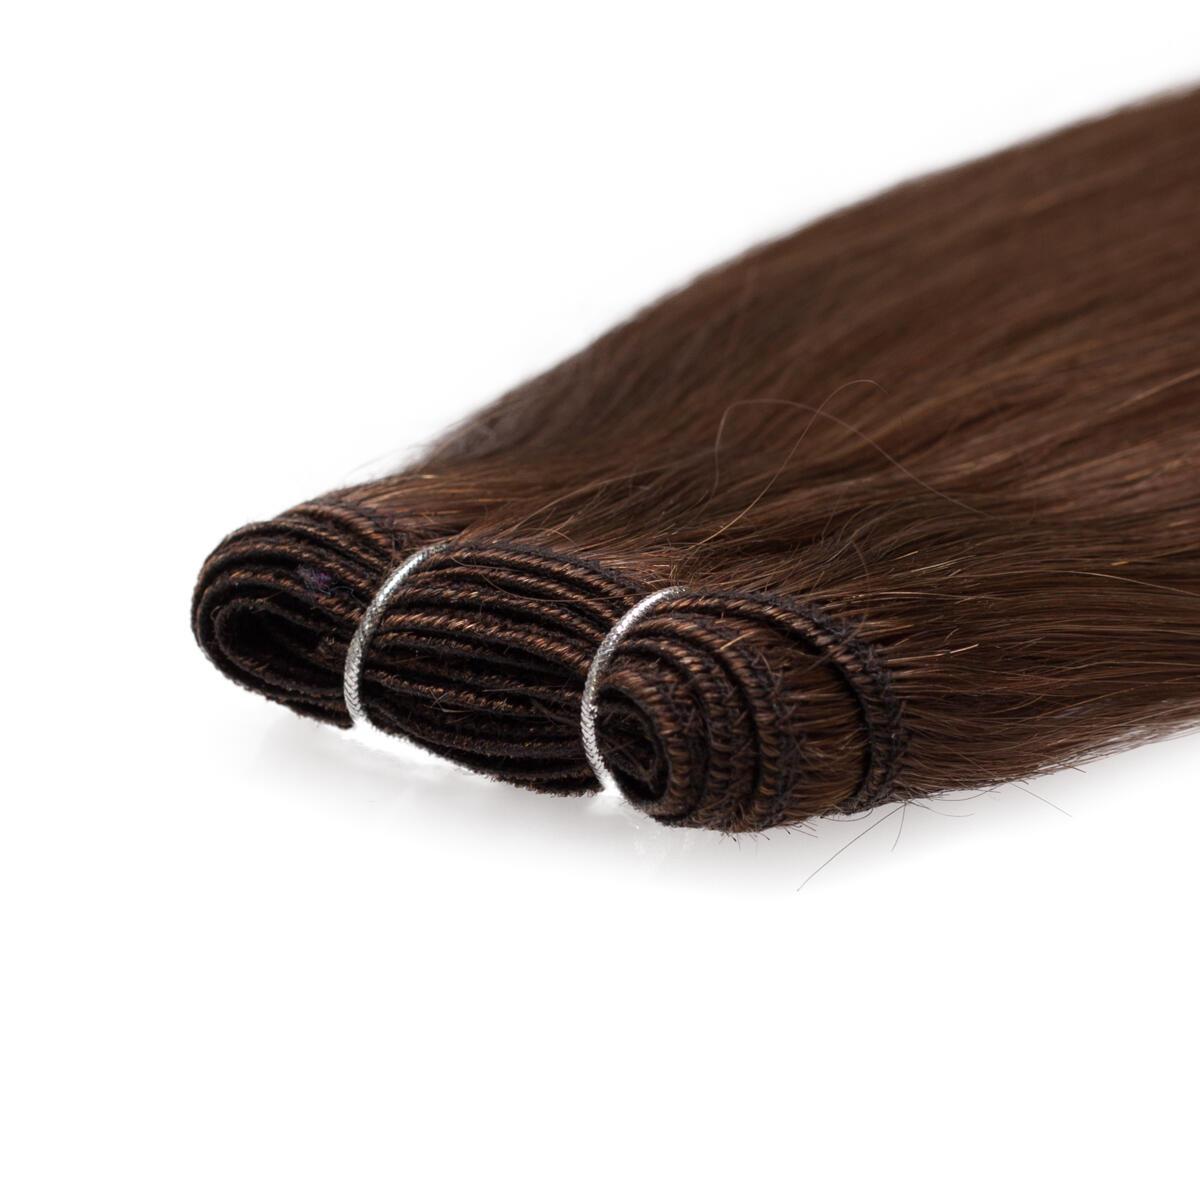 Haartresse Premium Glatt 5.0 Brown 50 cm